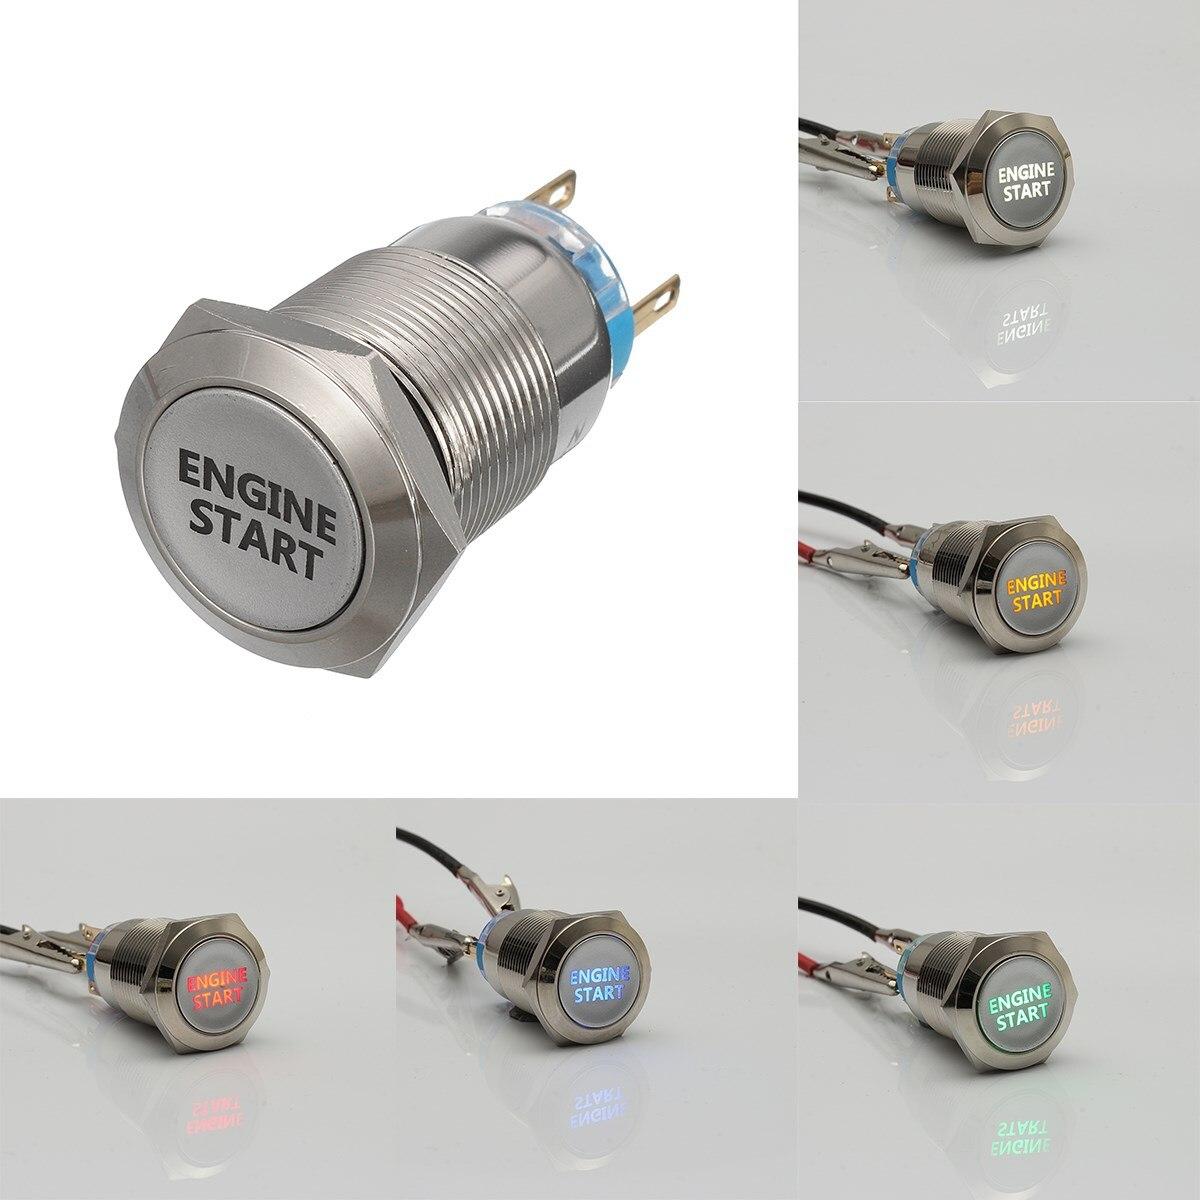 Металлические кнопочные выключатели для запуска двигателя автомобиля, 12 В, 19 мм, светодиодные выключатели для включения и выключения двигателя